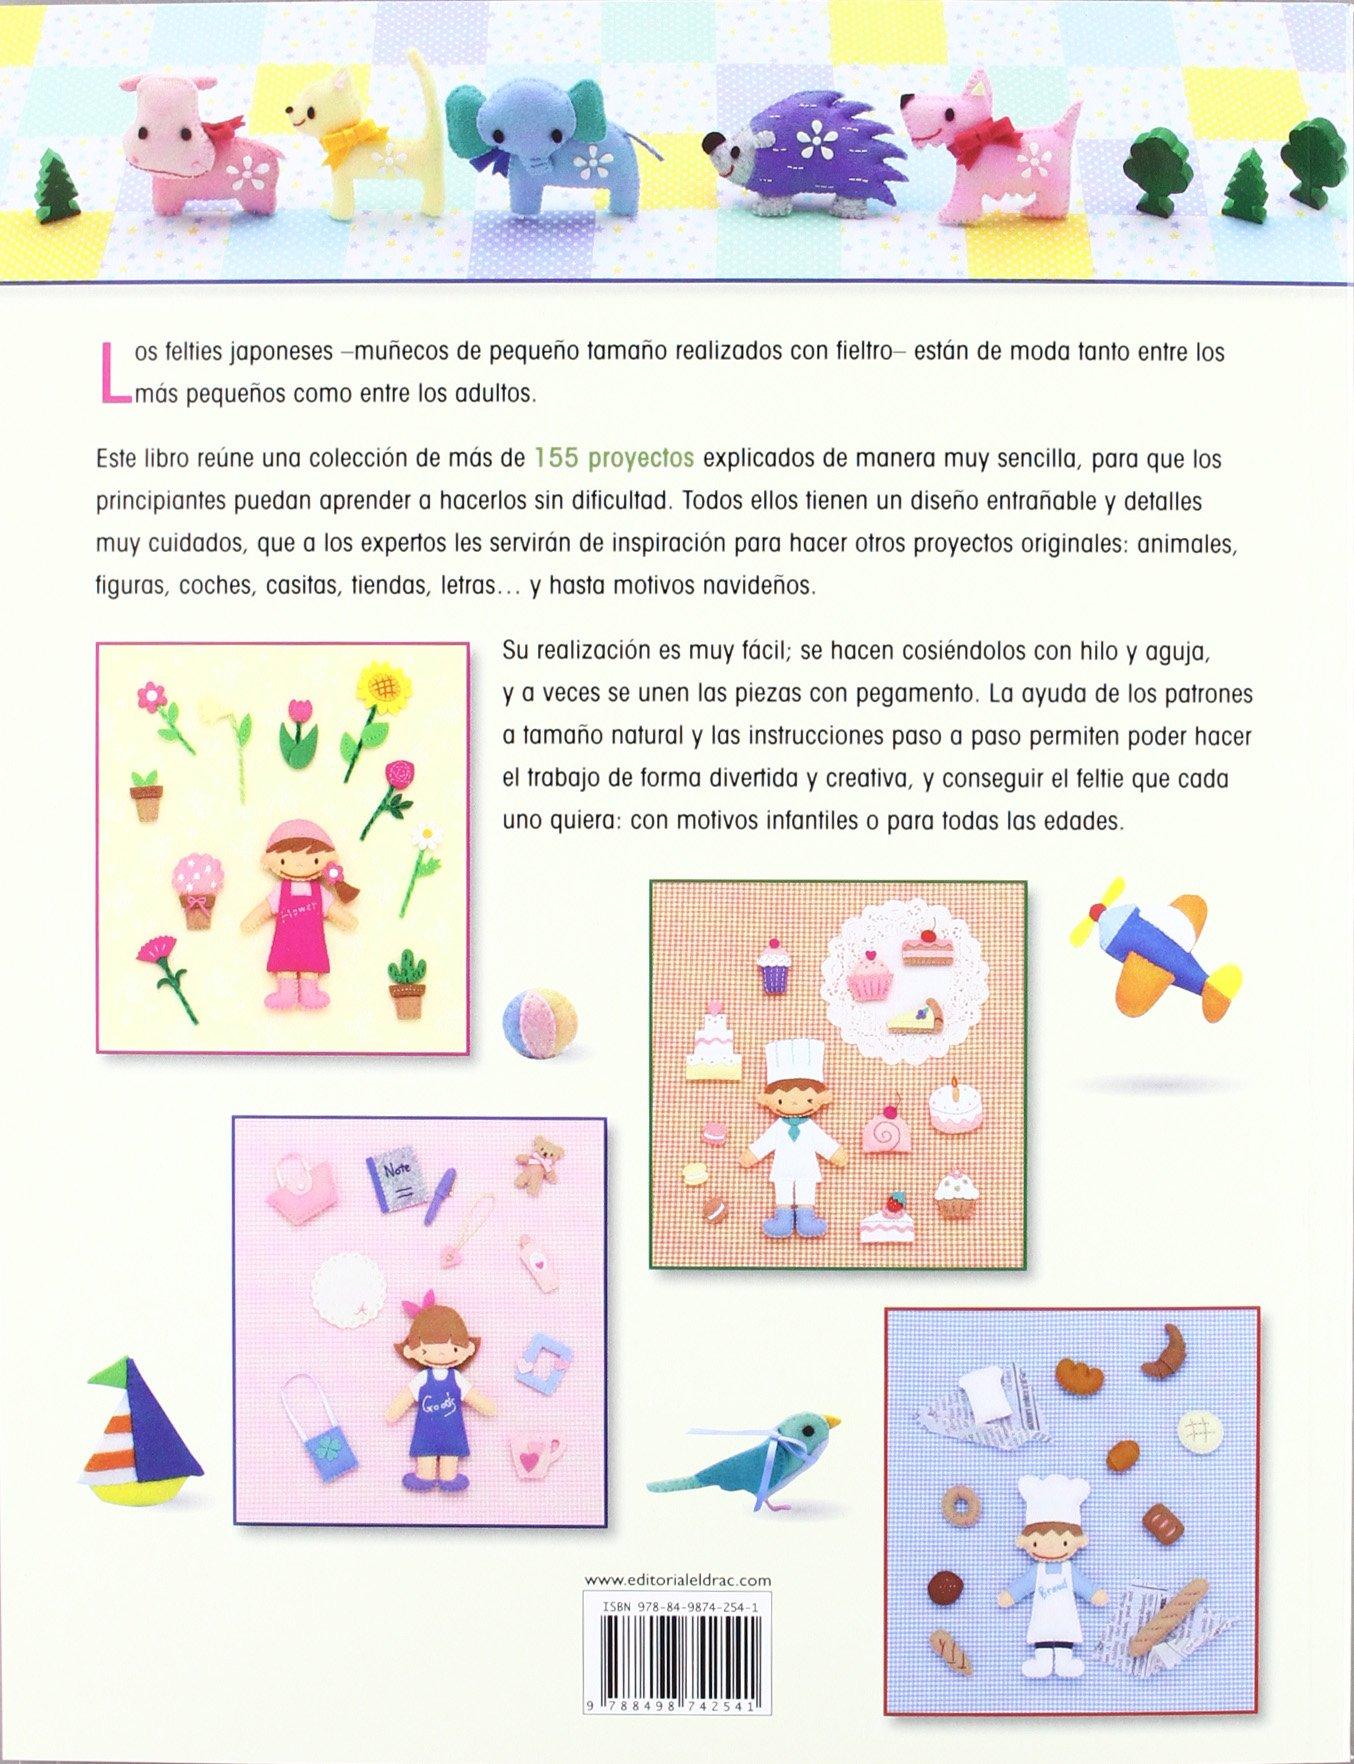 FELTIES JAPONESES: MUÑECOS, ANIMALES, FLORES, LETRAS...DE FIELTRO Artesania Y Manualidades: Amazon.es: Aa.Vv.: Libros